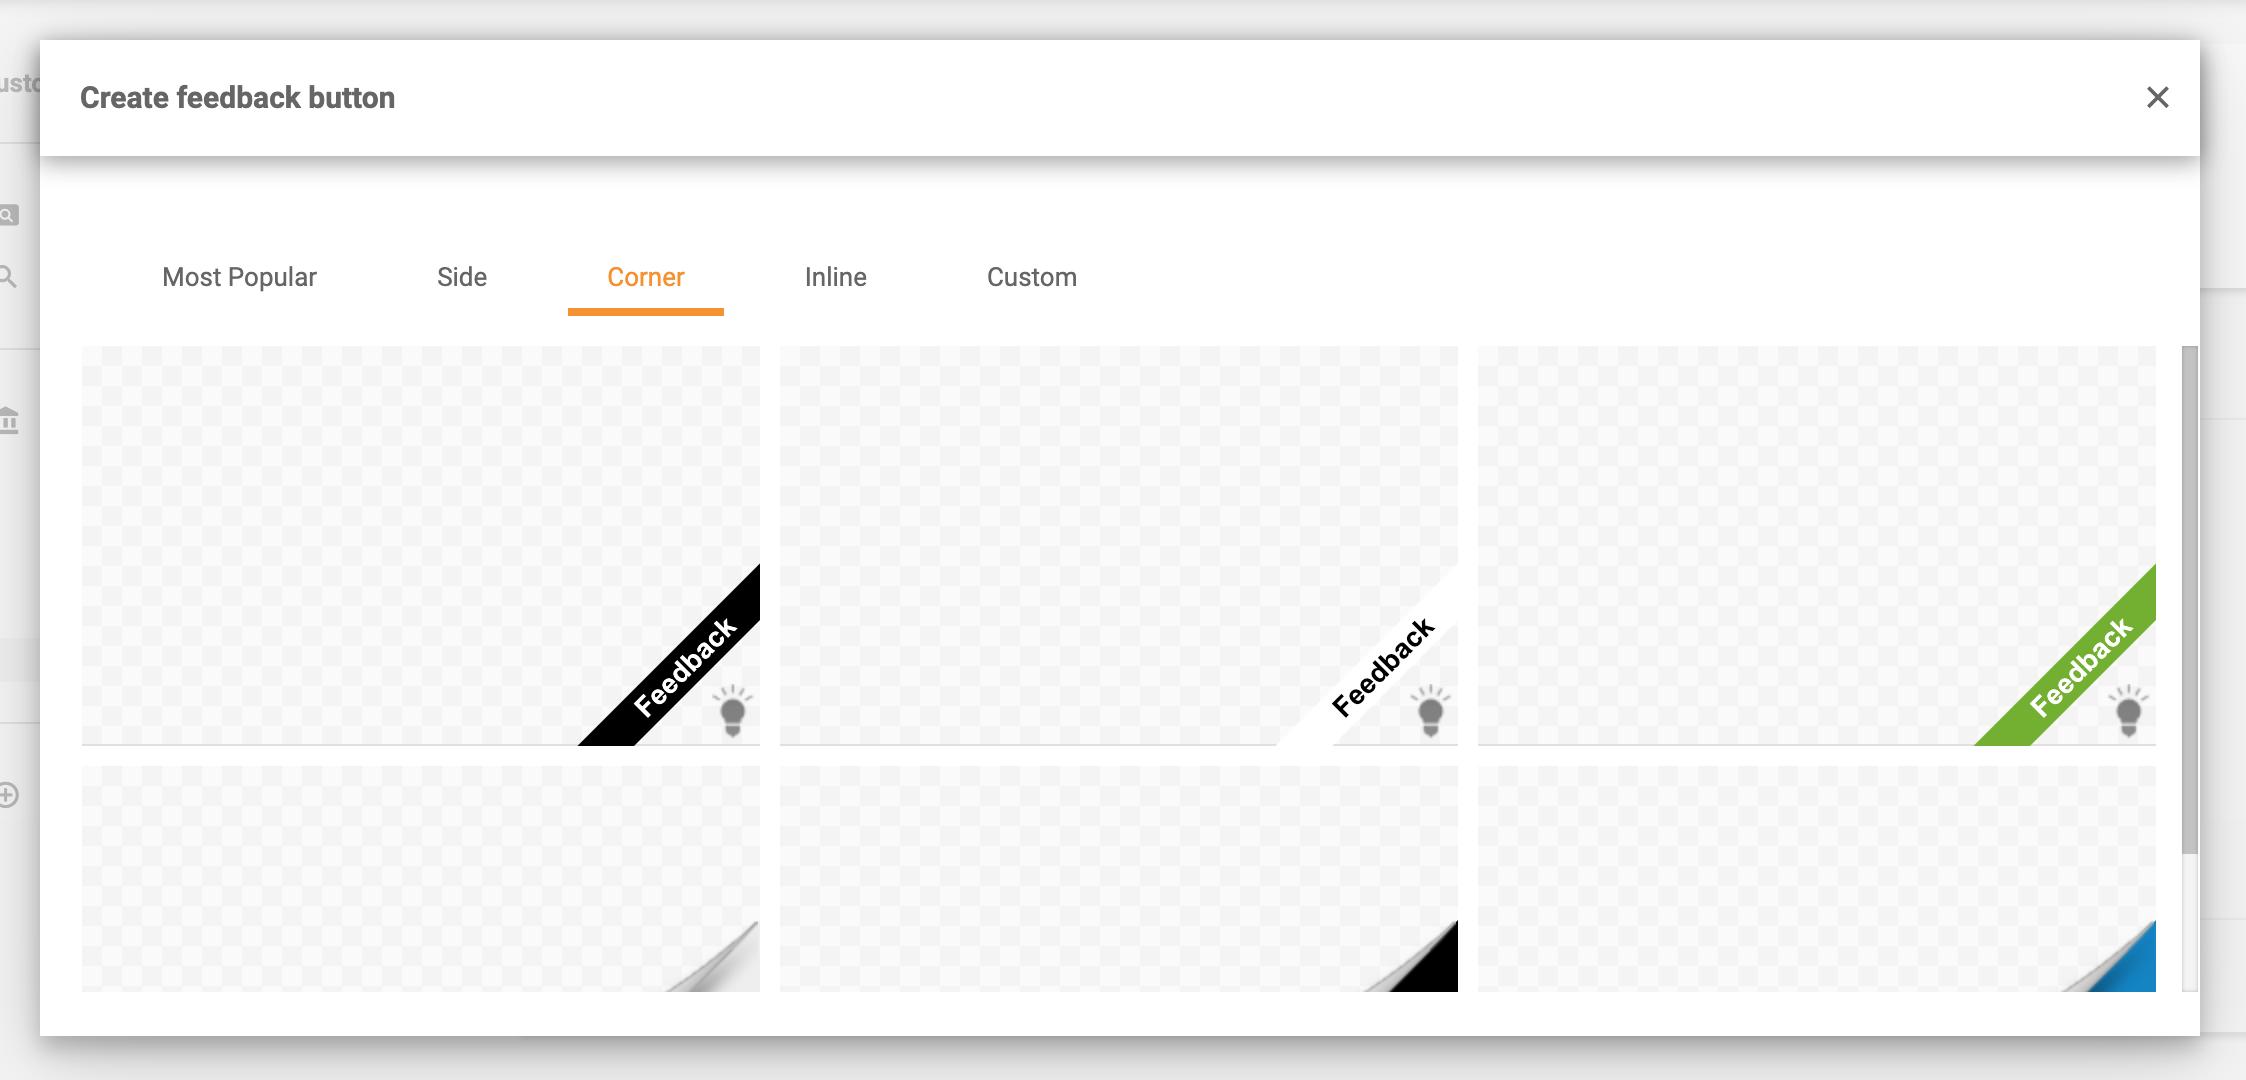 Feedback-button-styles-corner-LiveAgent